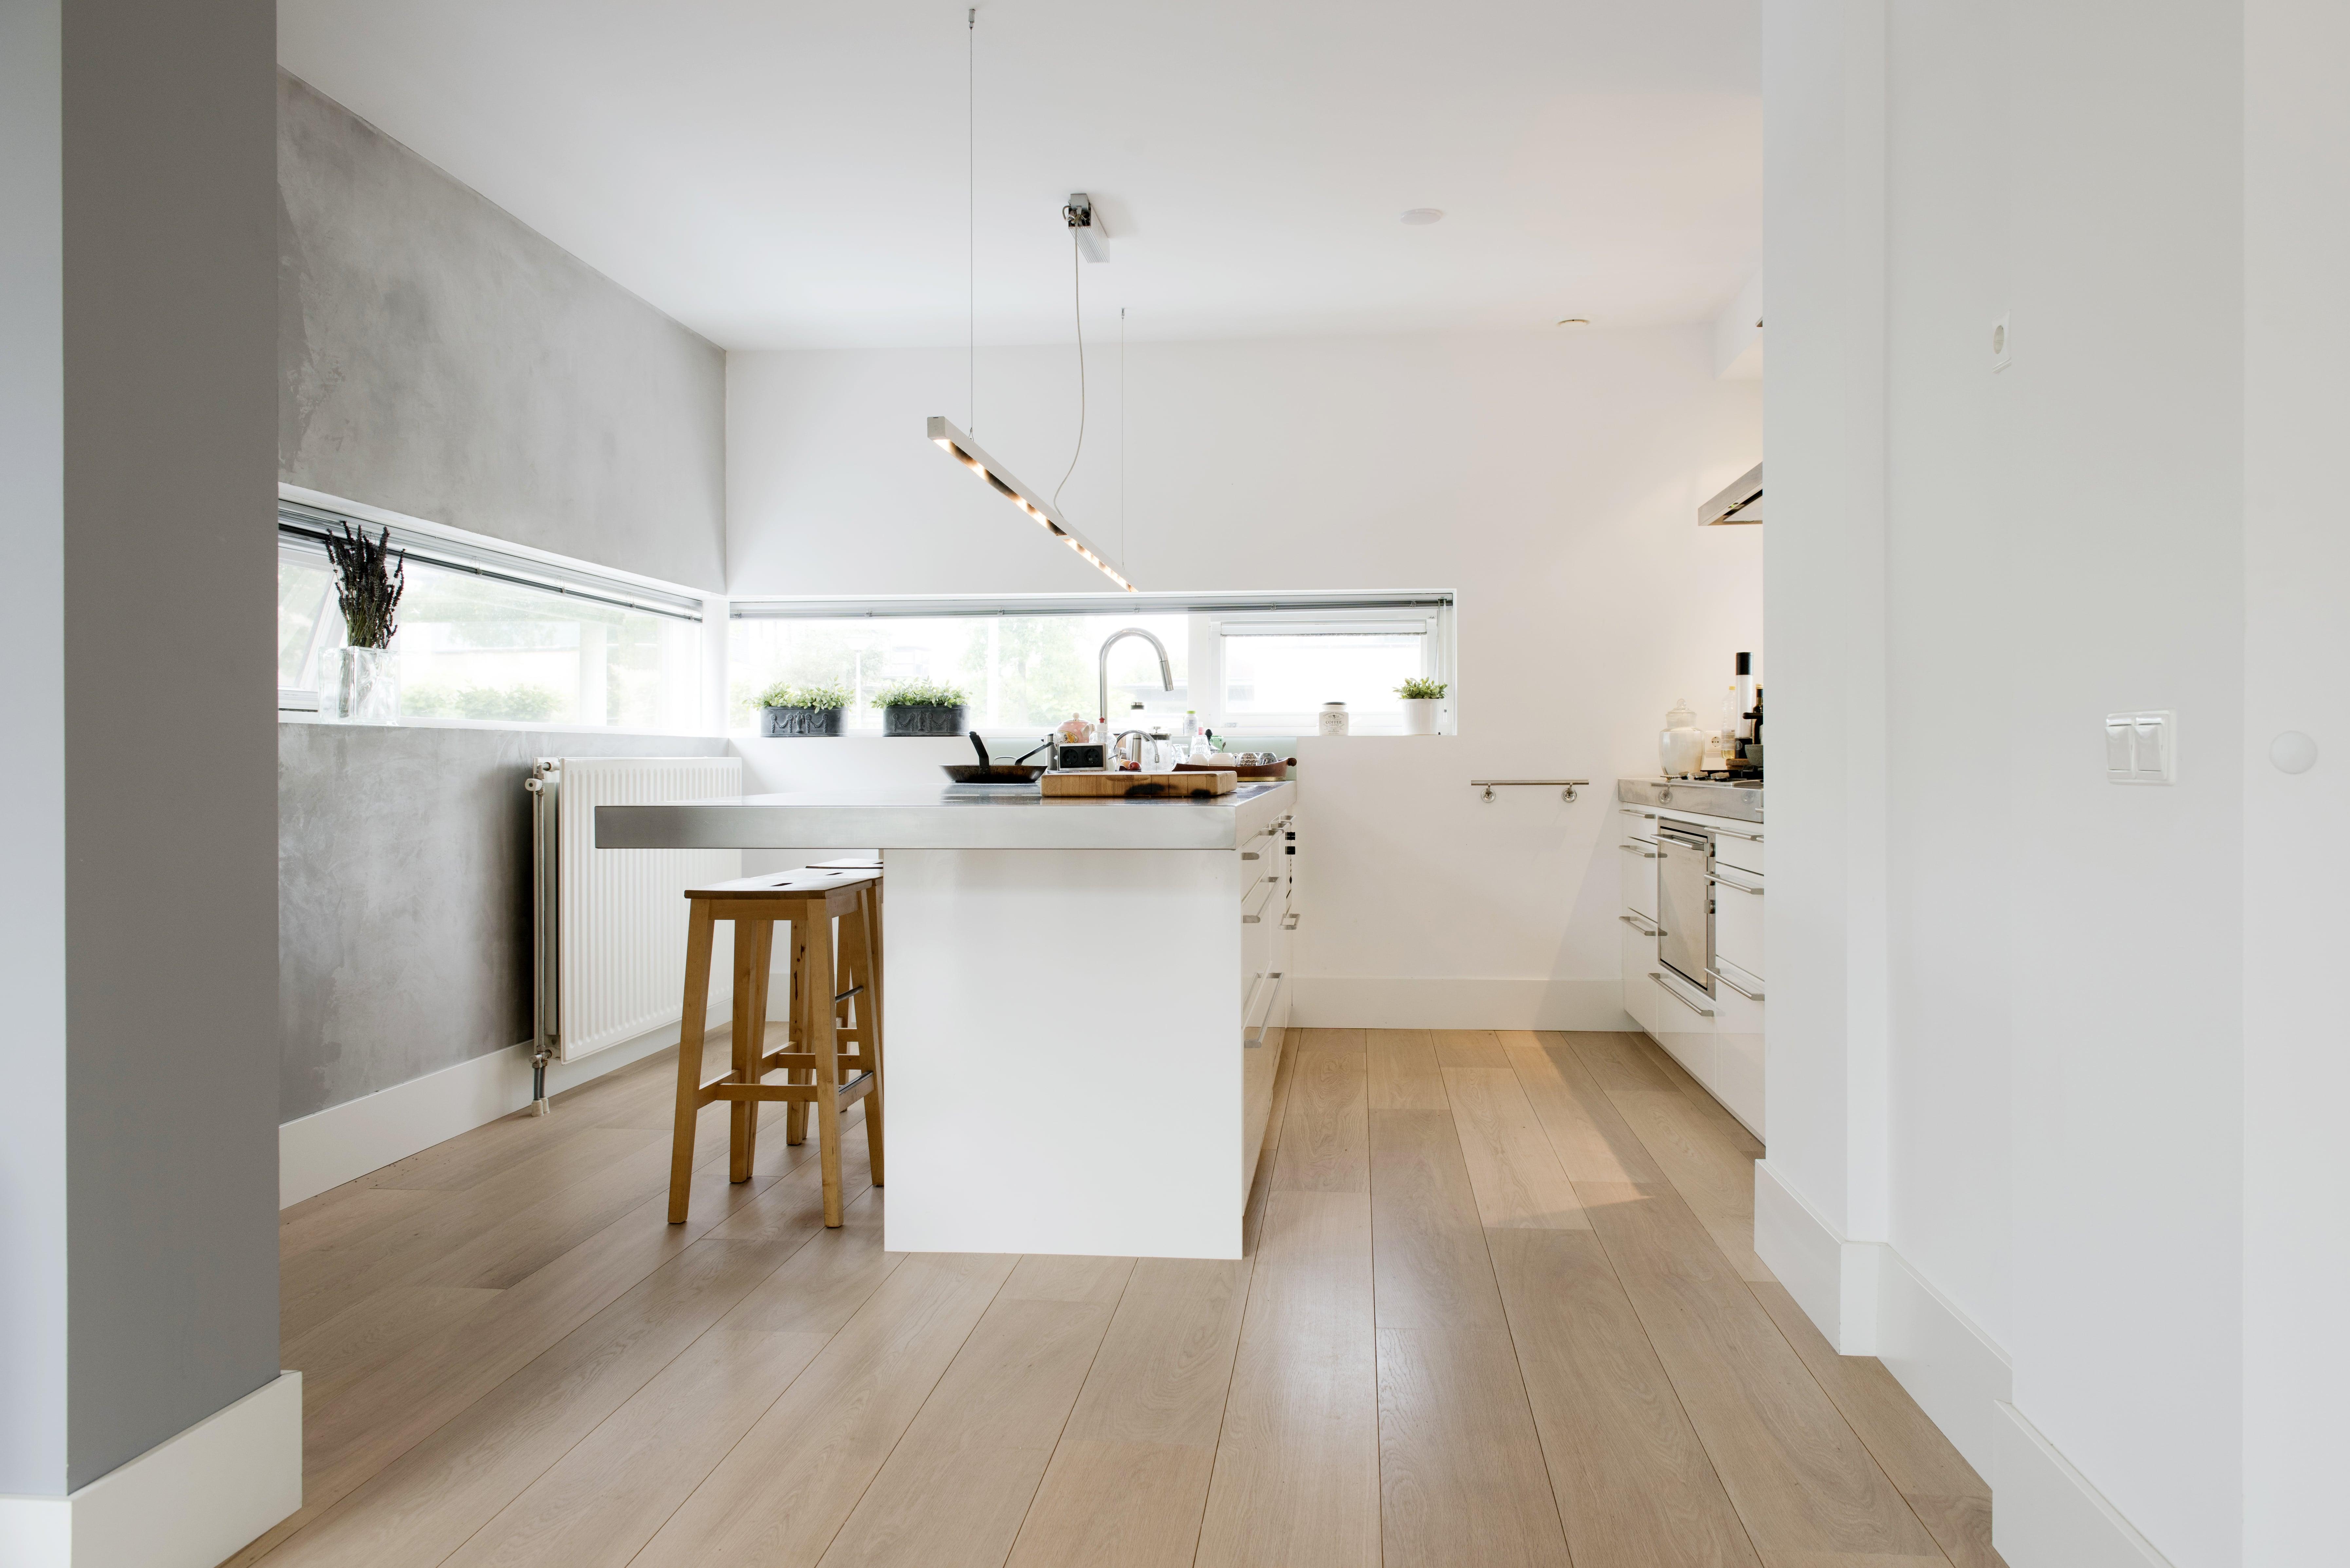 Parket vloer, houten vloer keuken